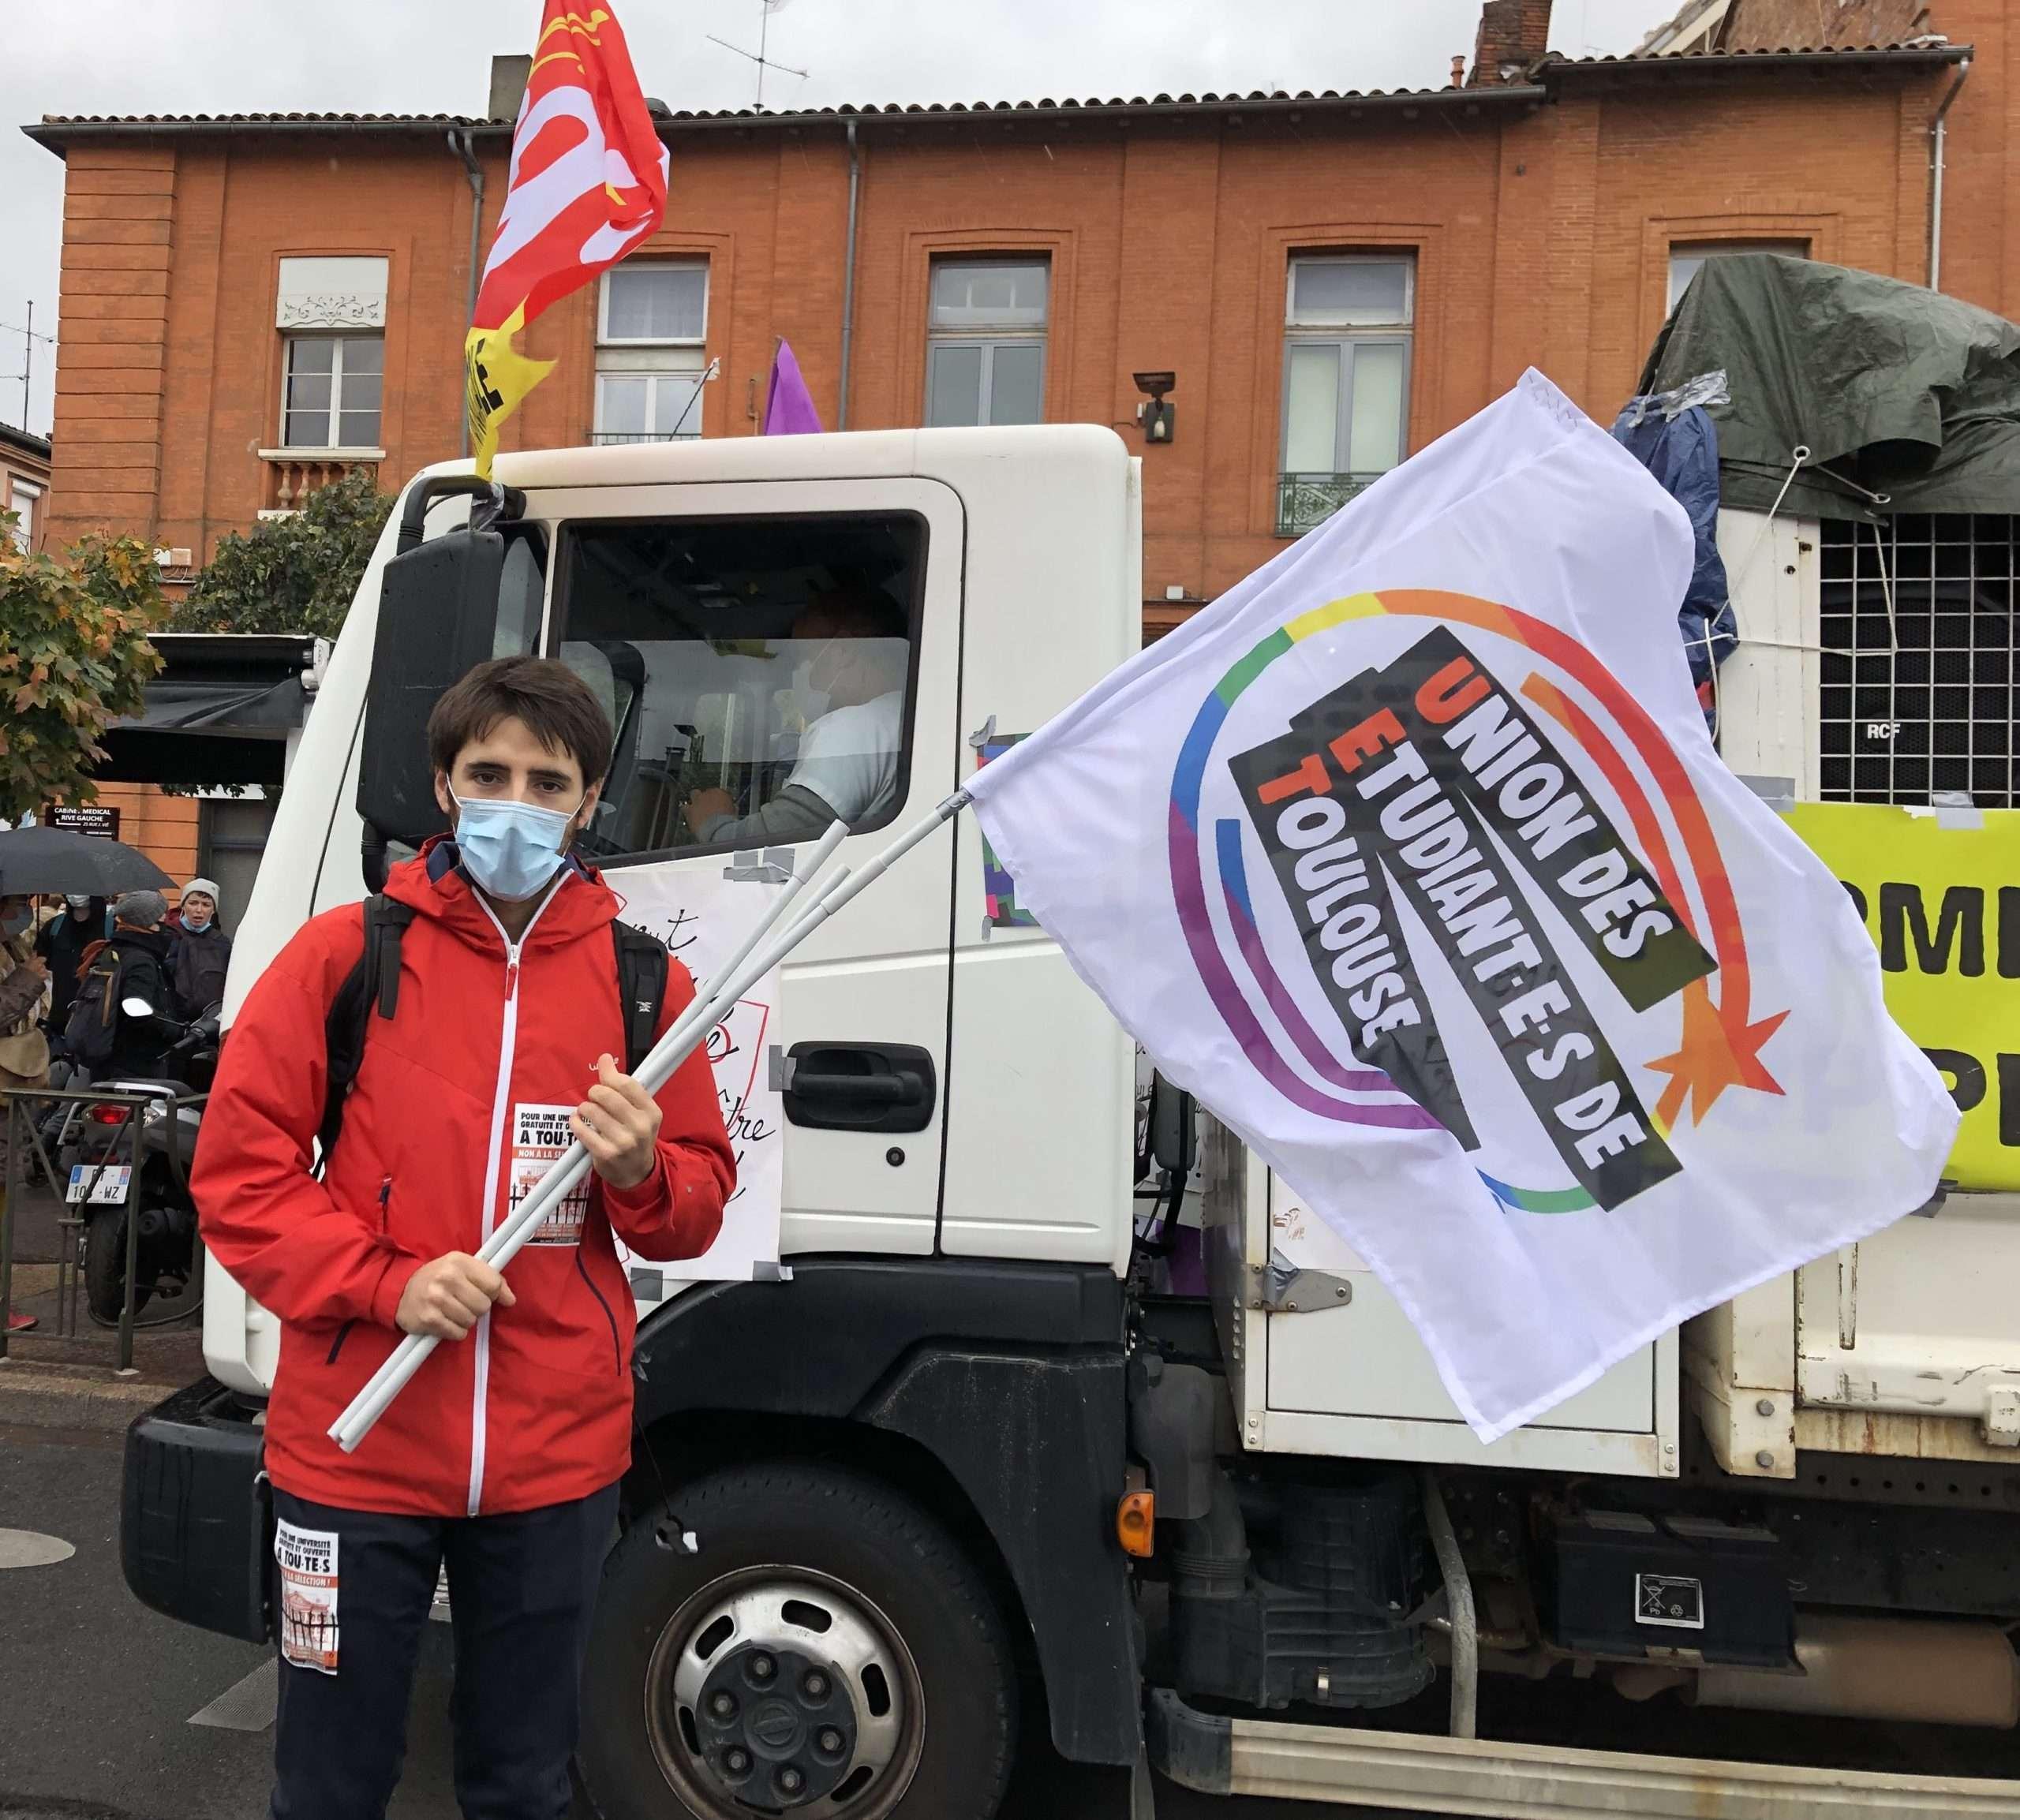 Les organisations étudiantes étaient bien présentes dans la rue aux côtés des soignants, le 7 novembre à Toulouse. Photo : Auriane Duroch-Barrier